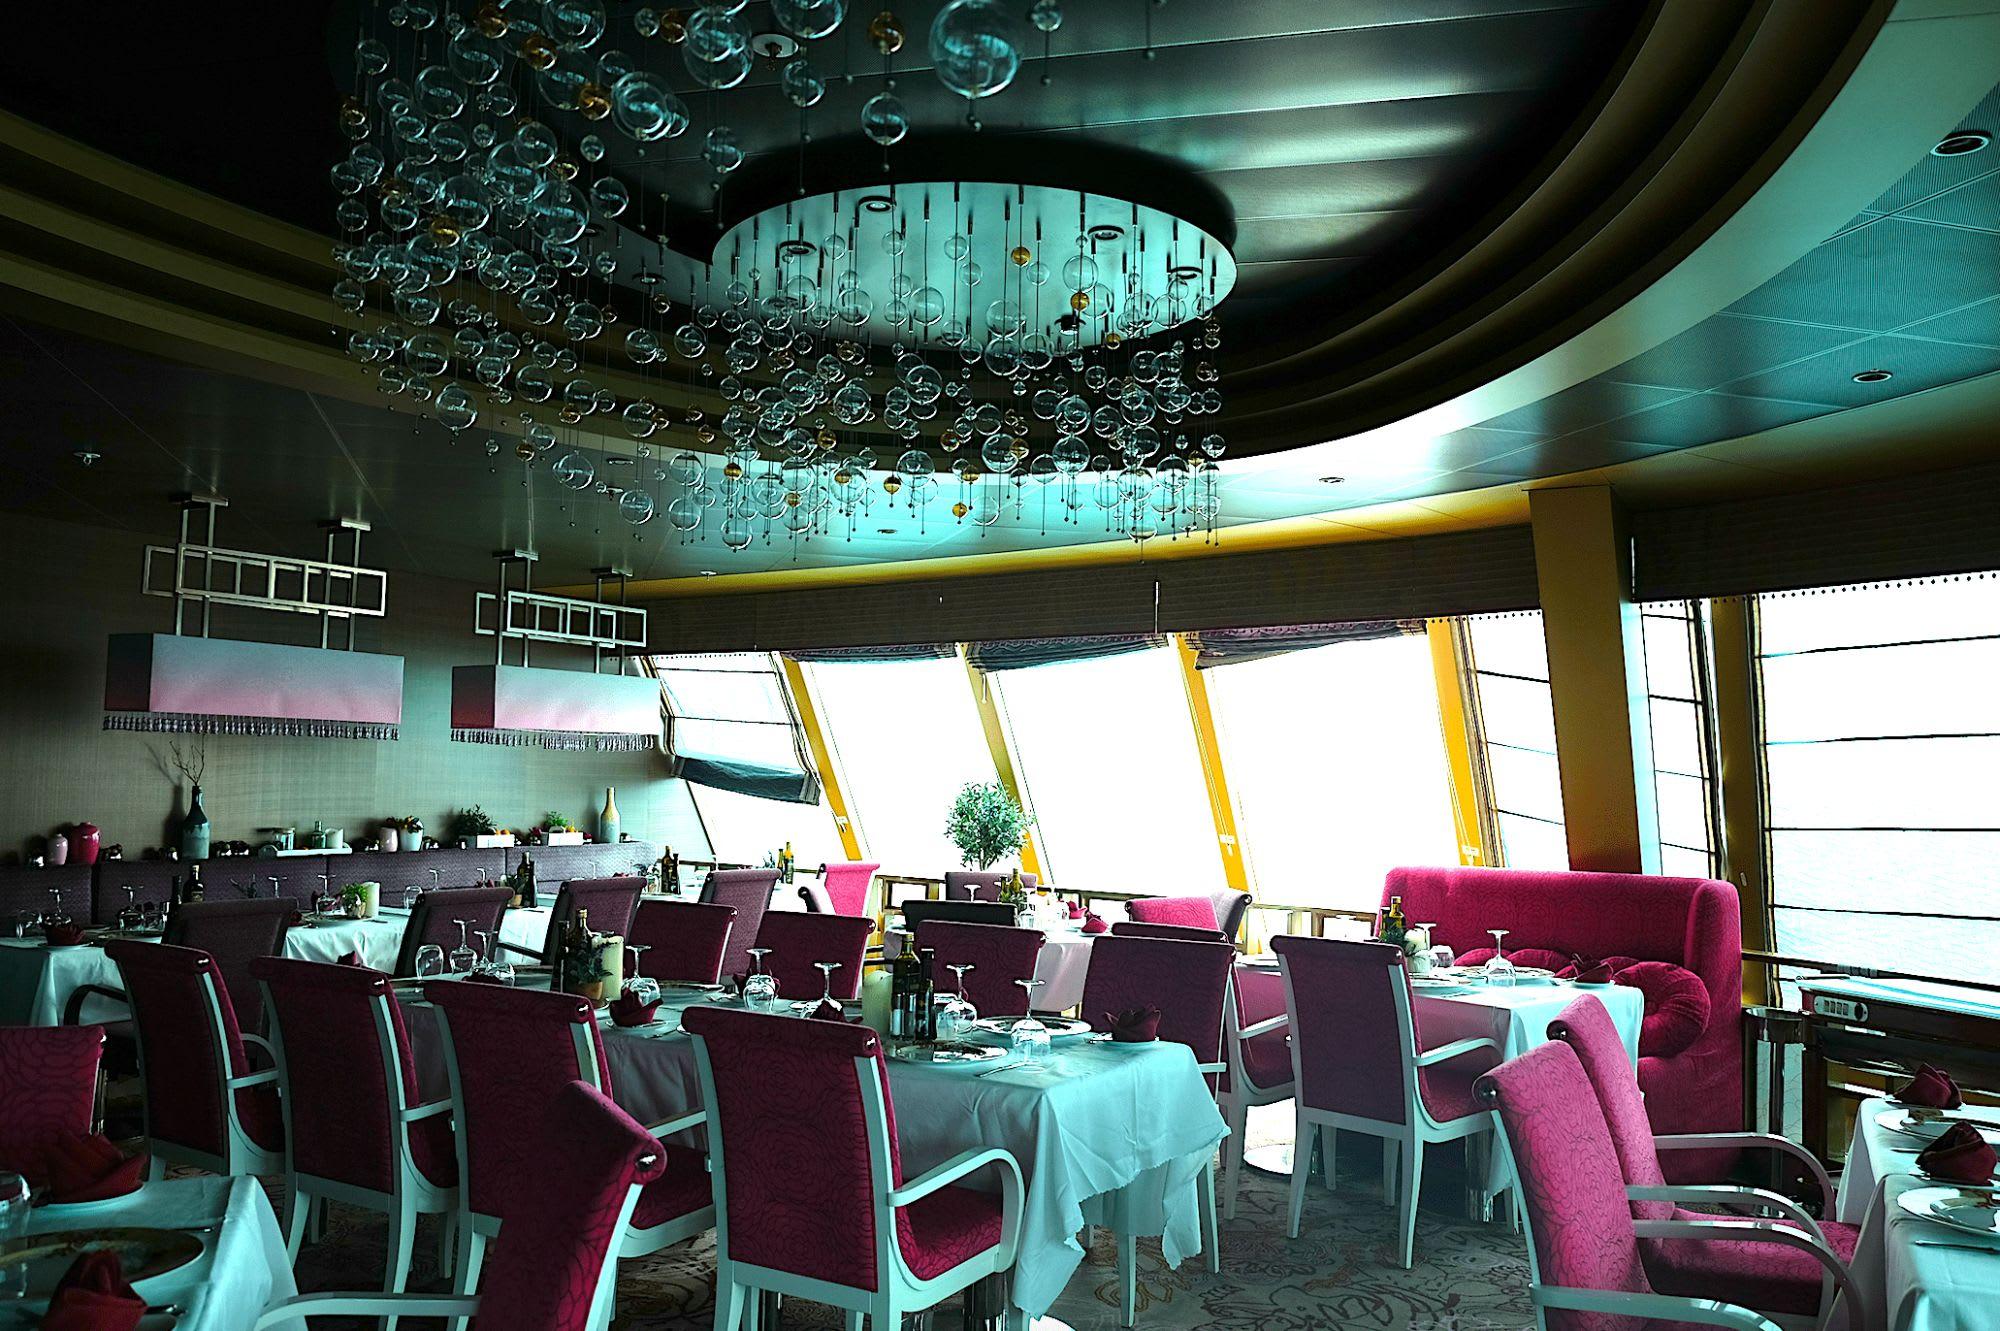 デッキ9の船尾の眺めの良い位置にあるレストランは開放的で大人な空間です。